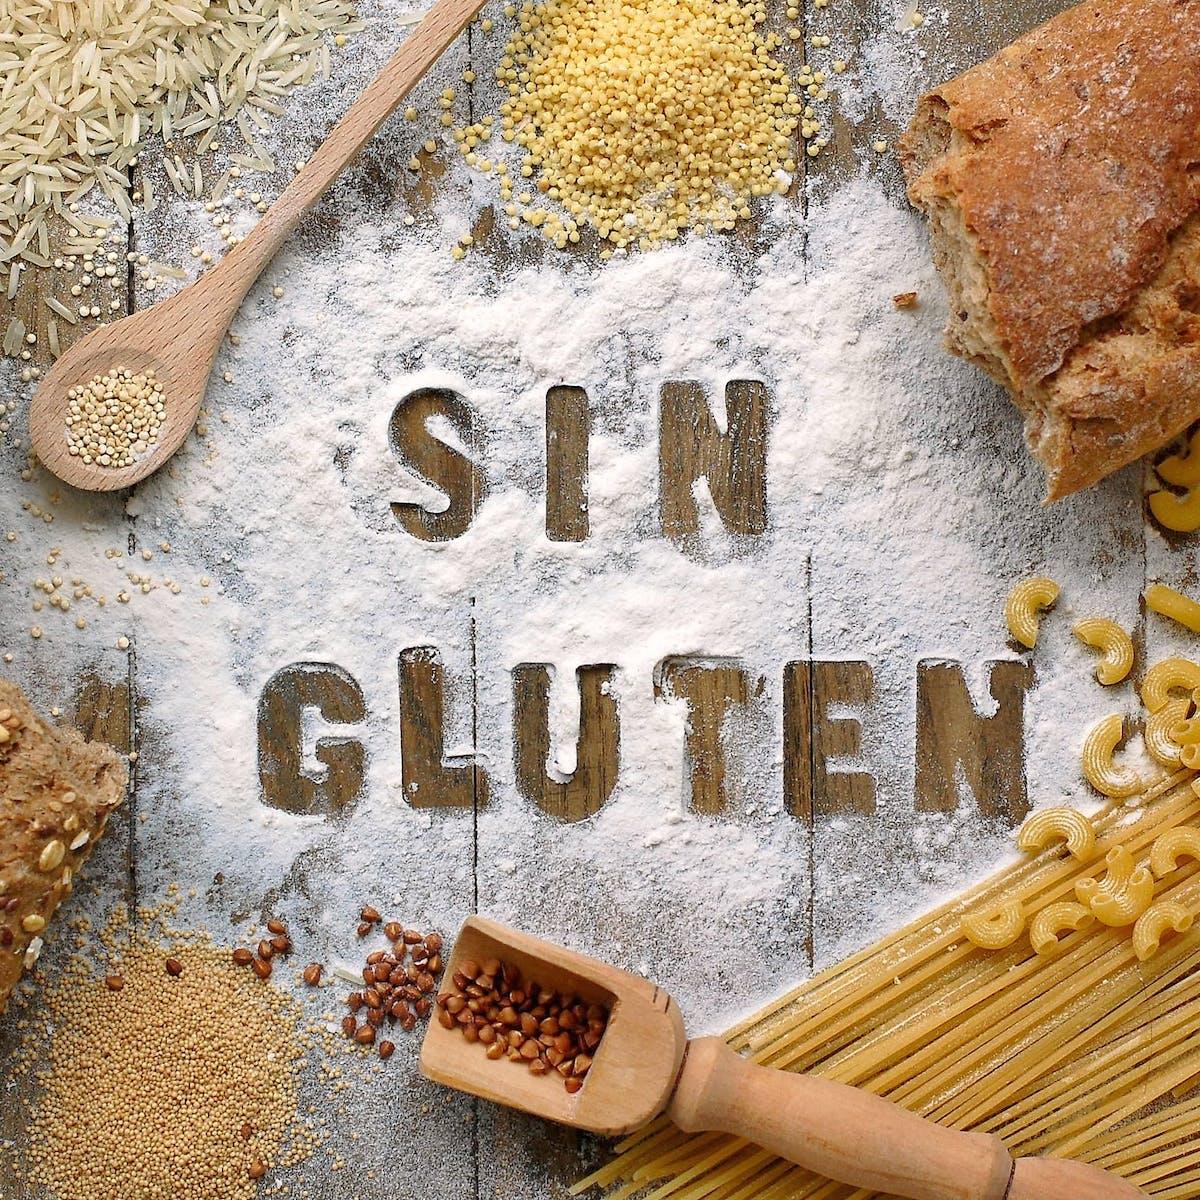 La vida sin gluten: necesidad o moda